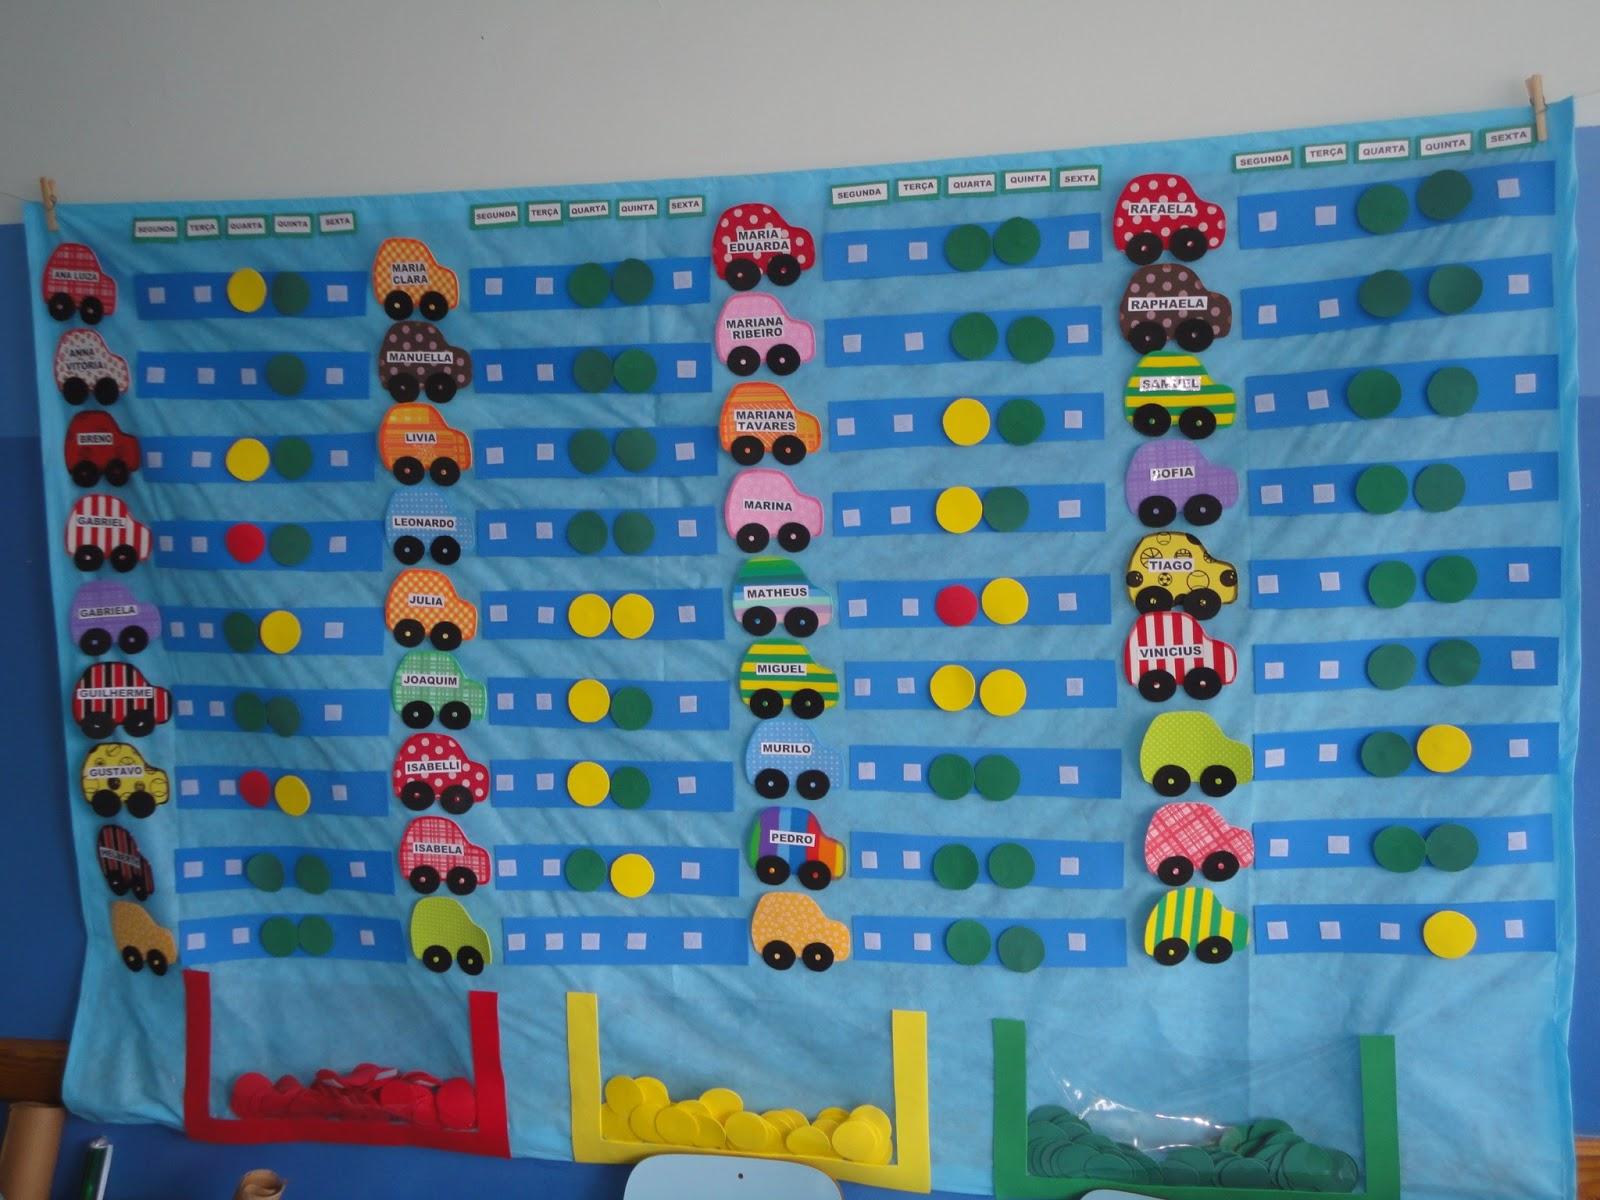 Pr cris educando com amor fevereiro 2013 for Aviso de ocasion mural